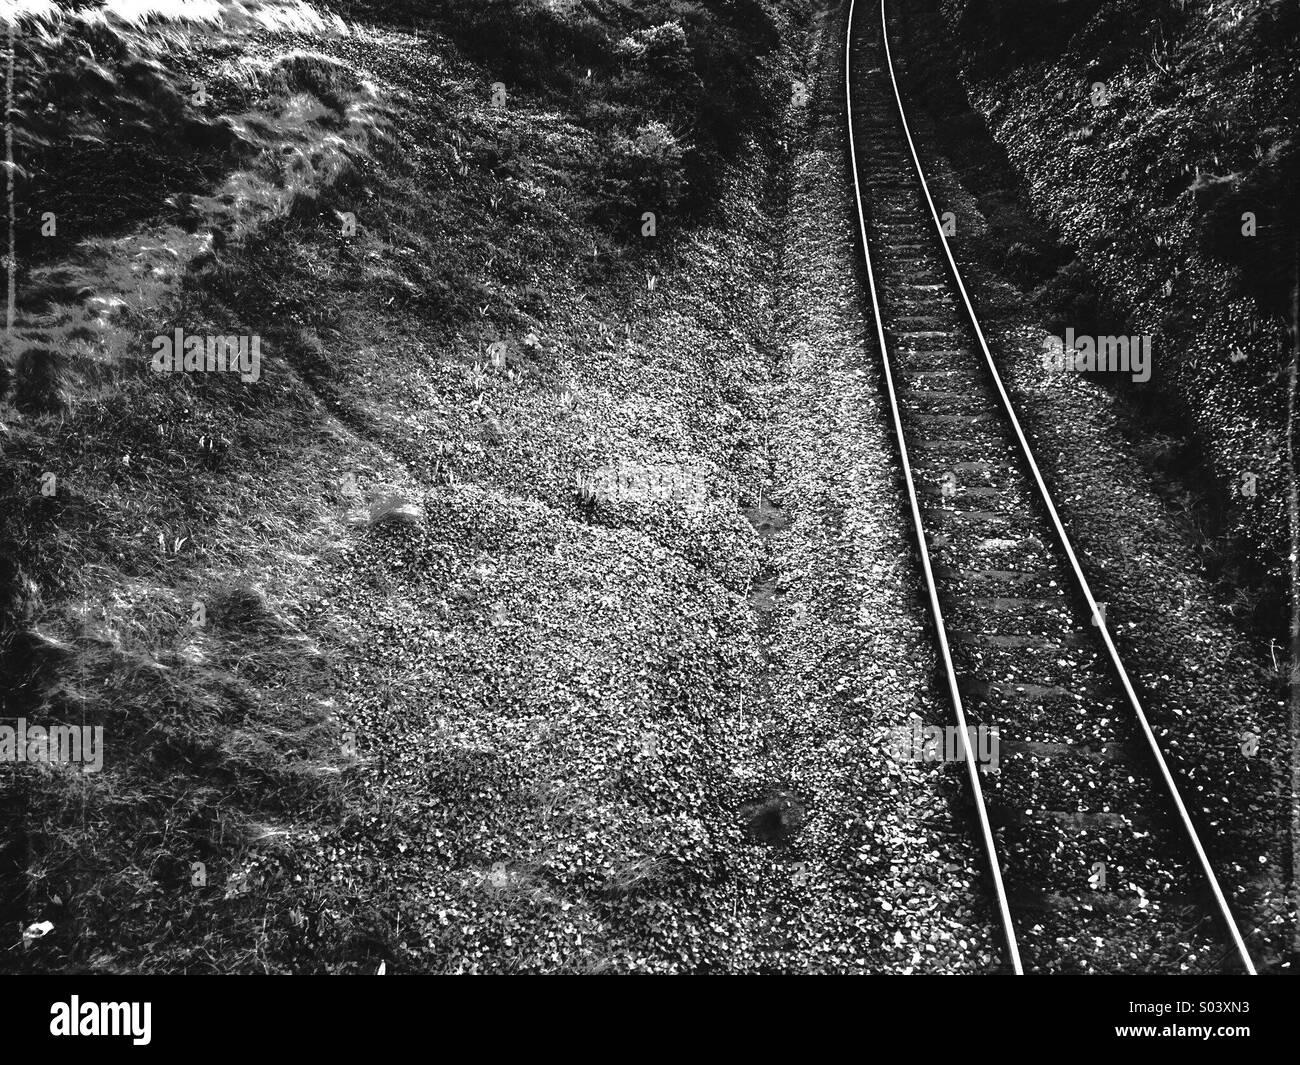 Les voies ferroviaires en noir et blanc Photo Stock